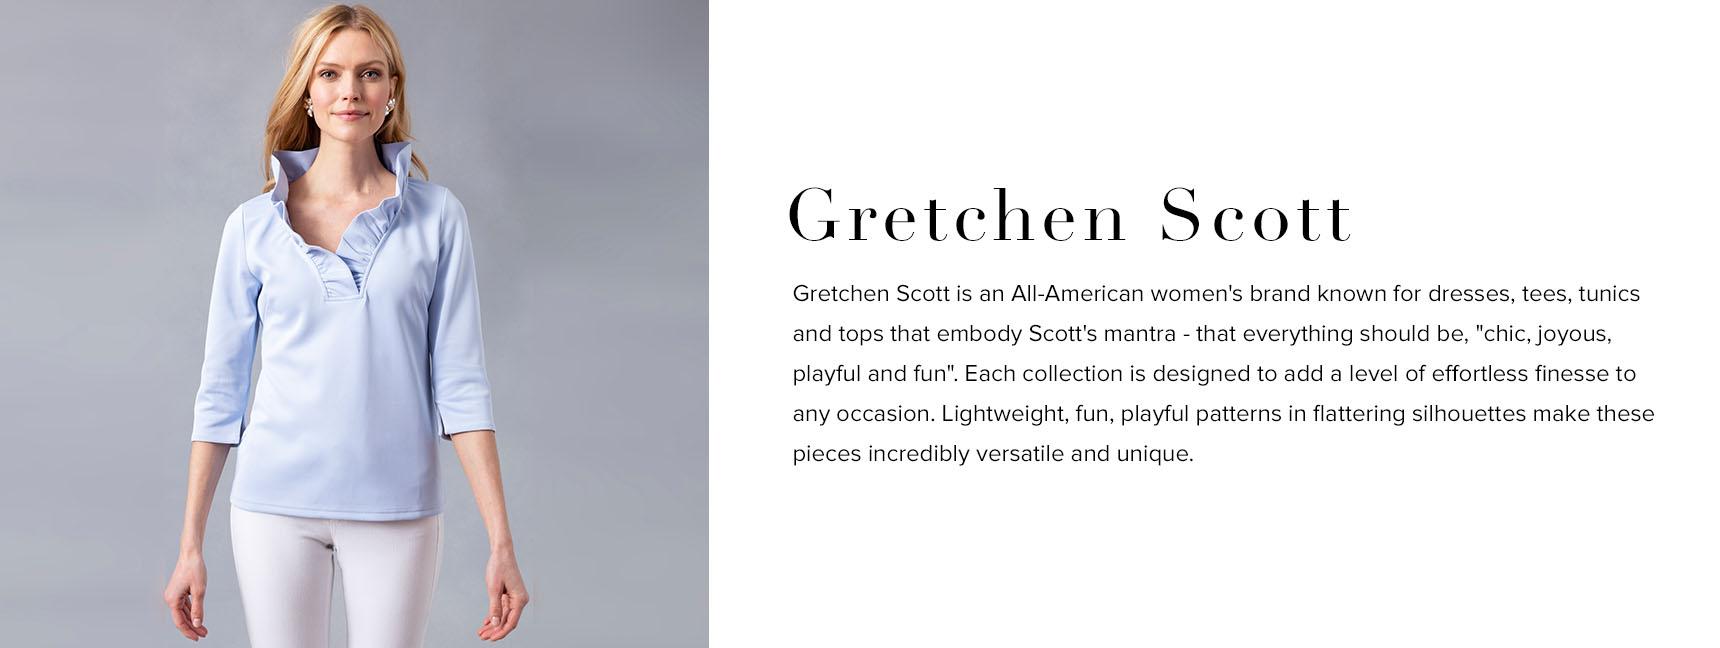 Gretchen Scott